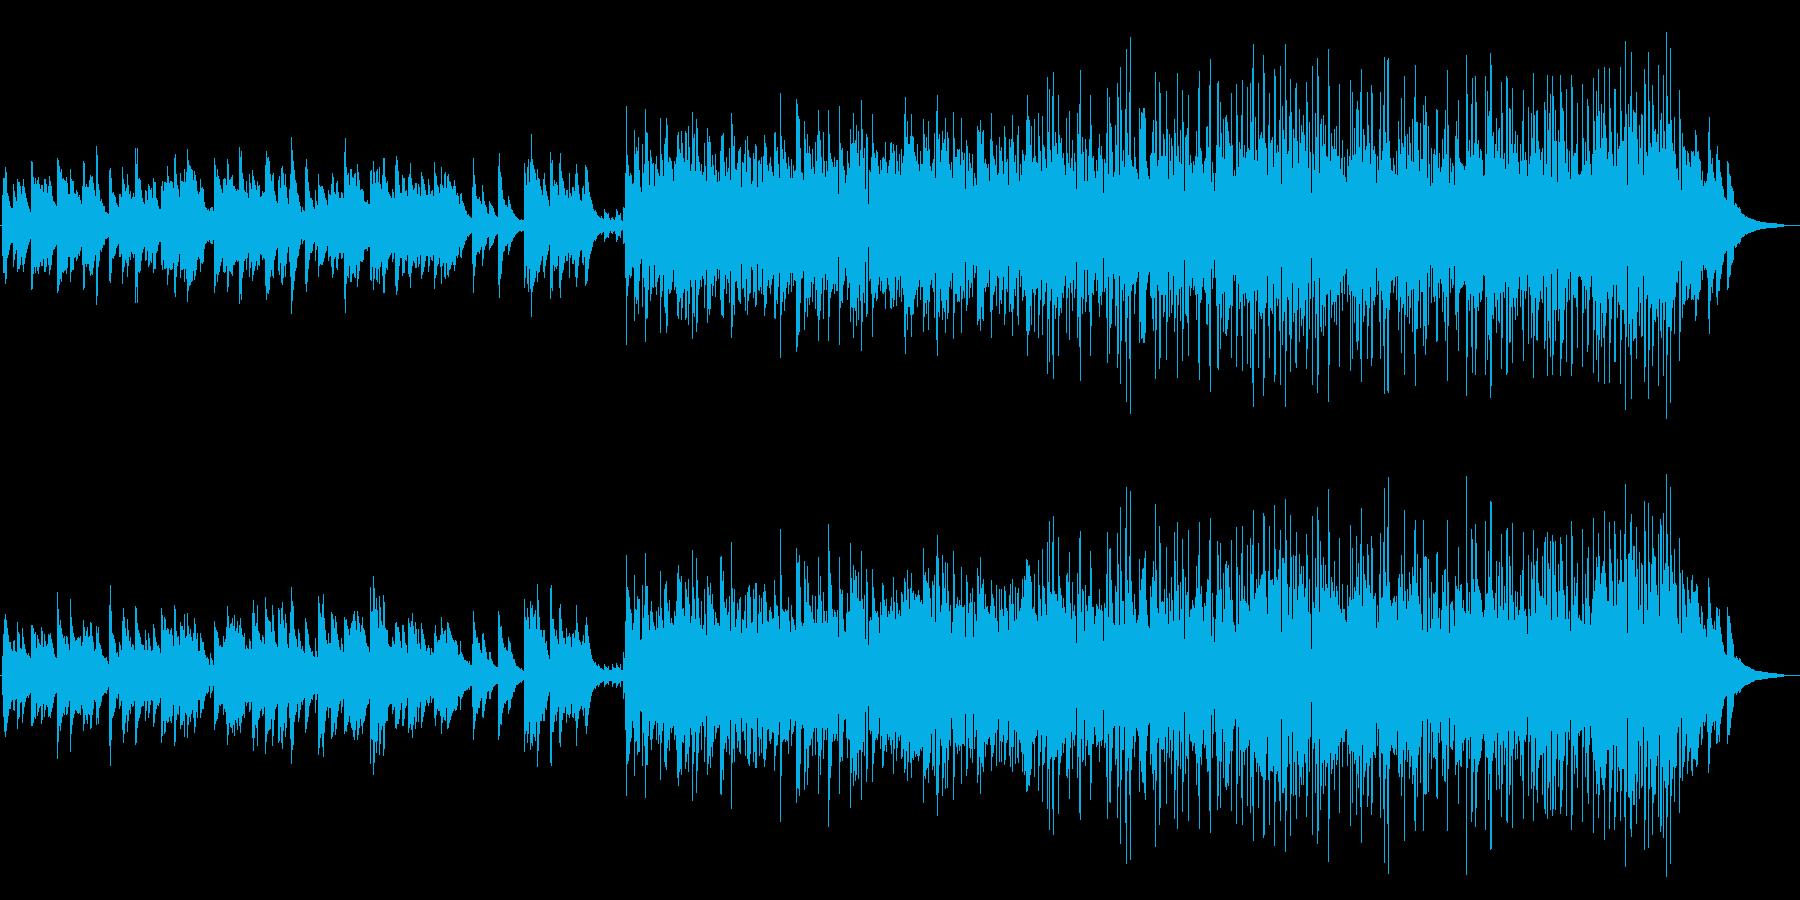 クリスマス定番曲 ジャズトリオ 軽快の再生済みの波形